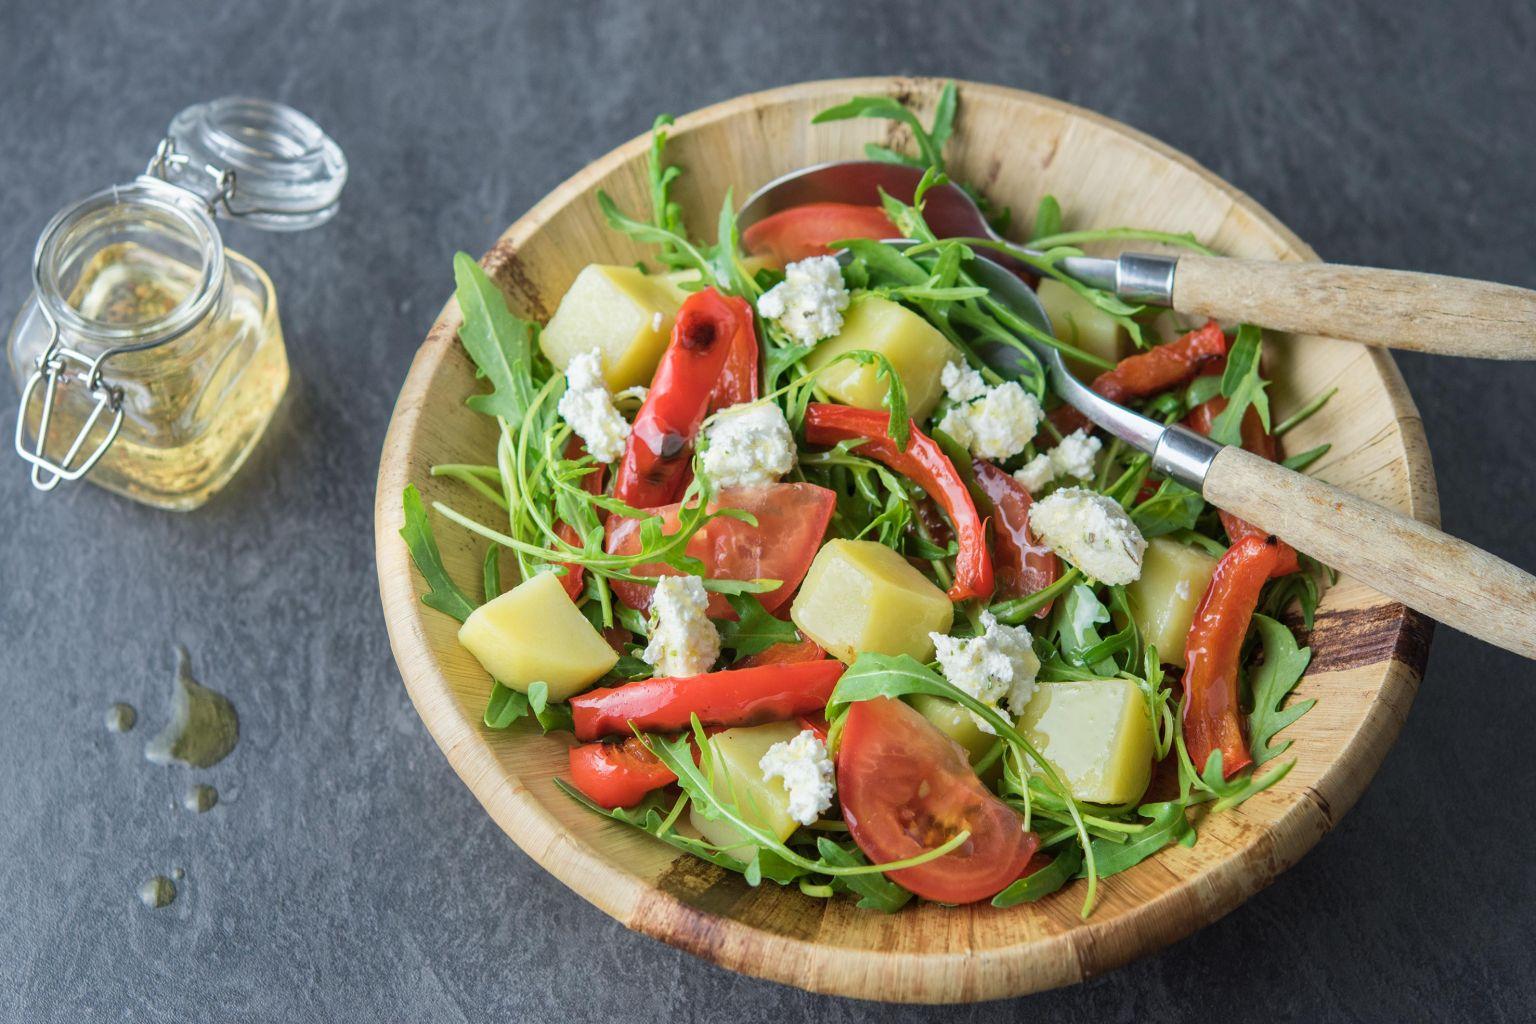 Recette salade au poivron grill ch vre et huile de noix quitoque - Salade de poivron grille ...